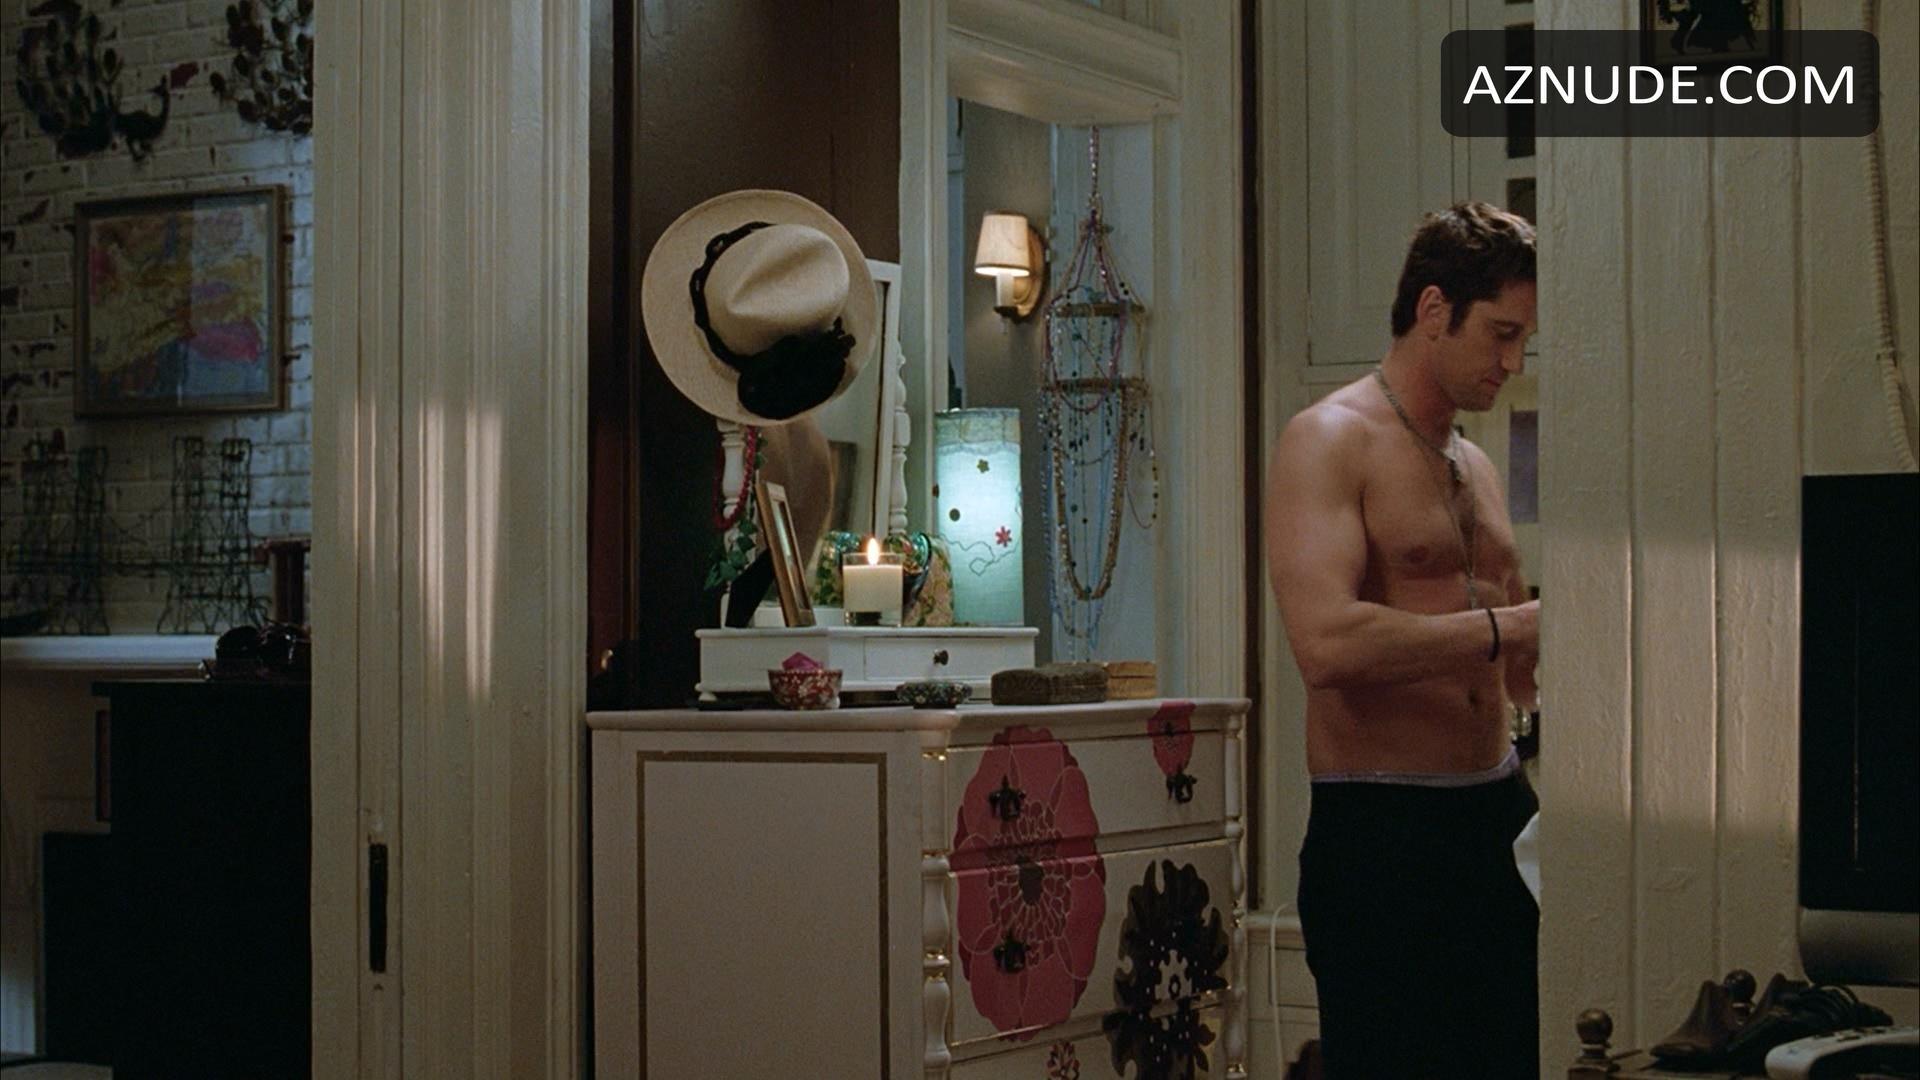 Gerard butler nude by chetgcte on deviantart